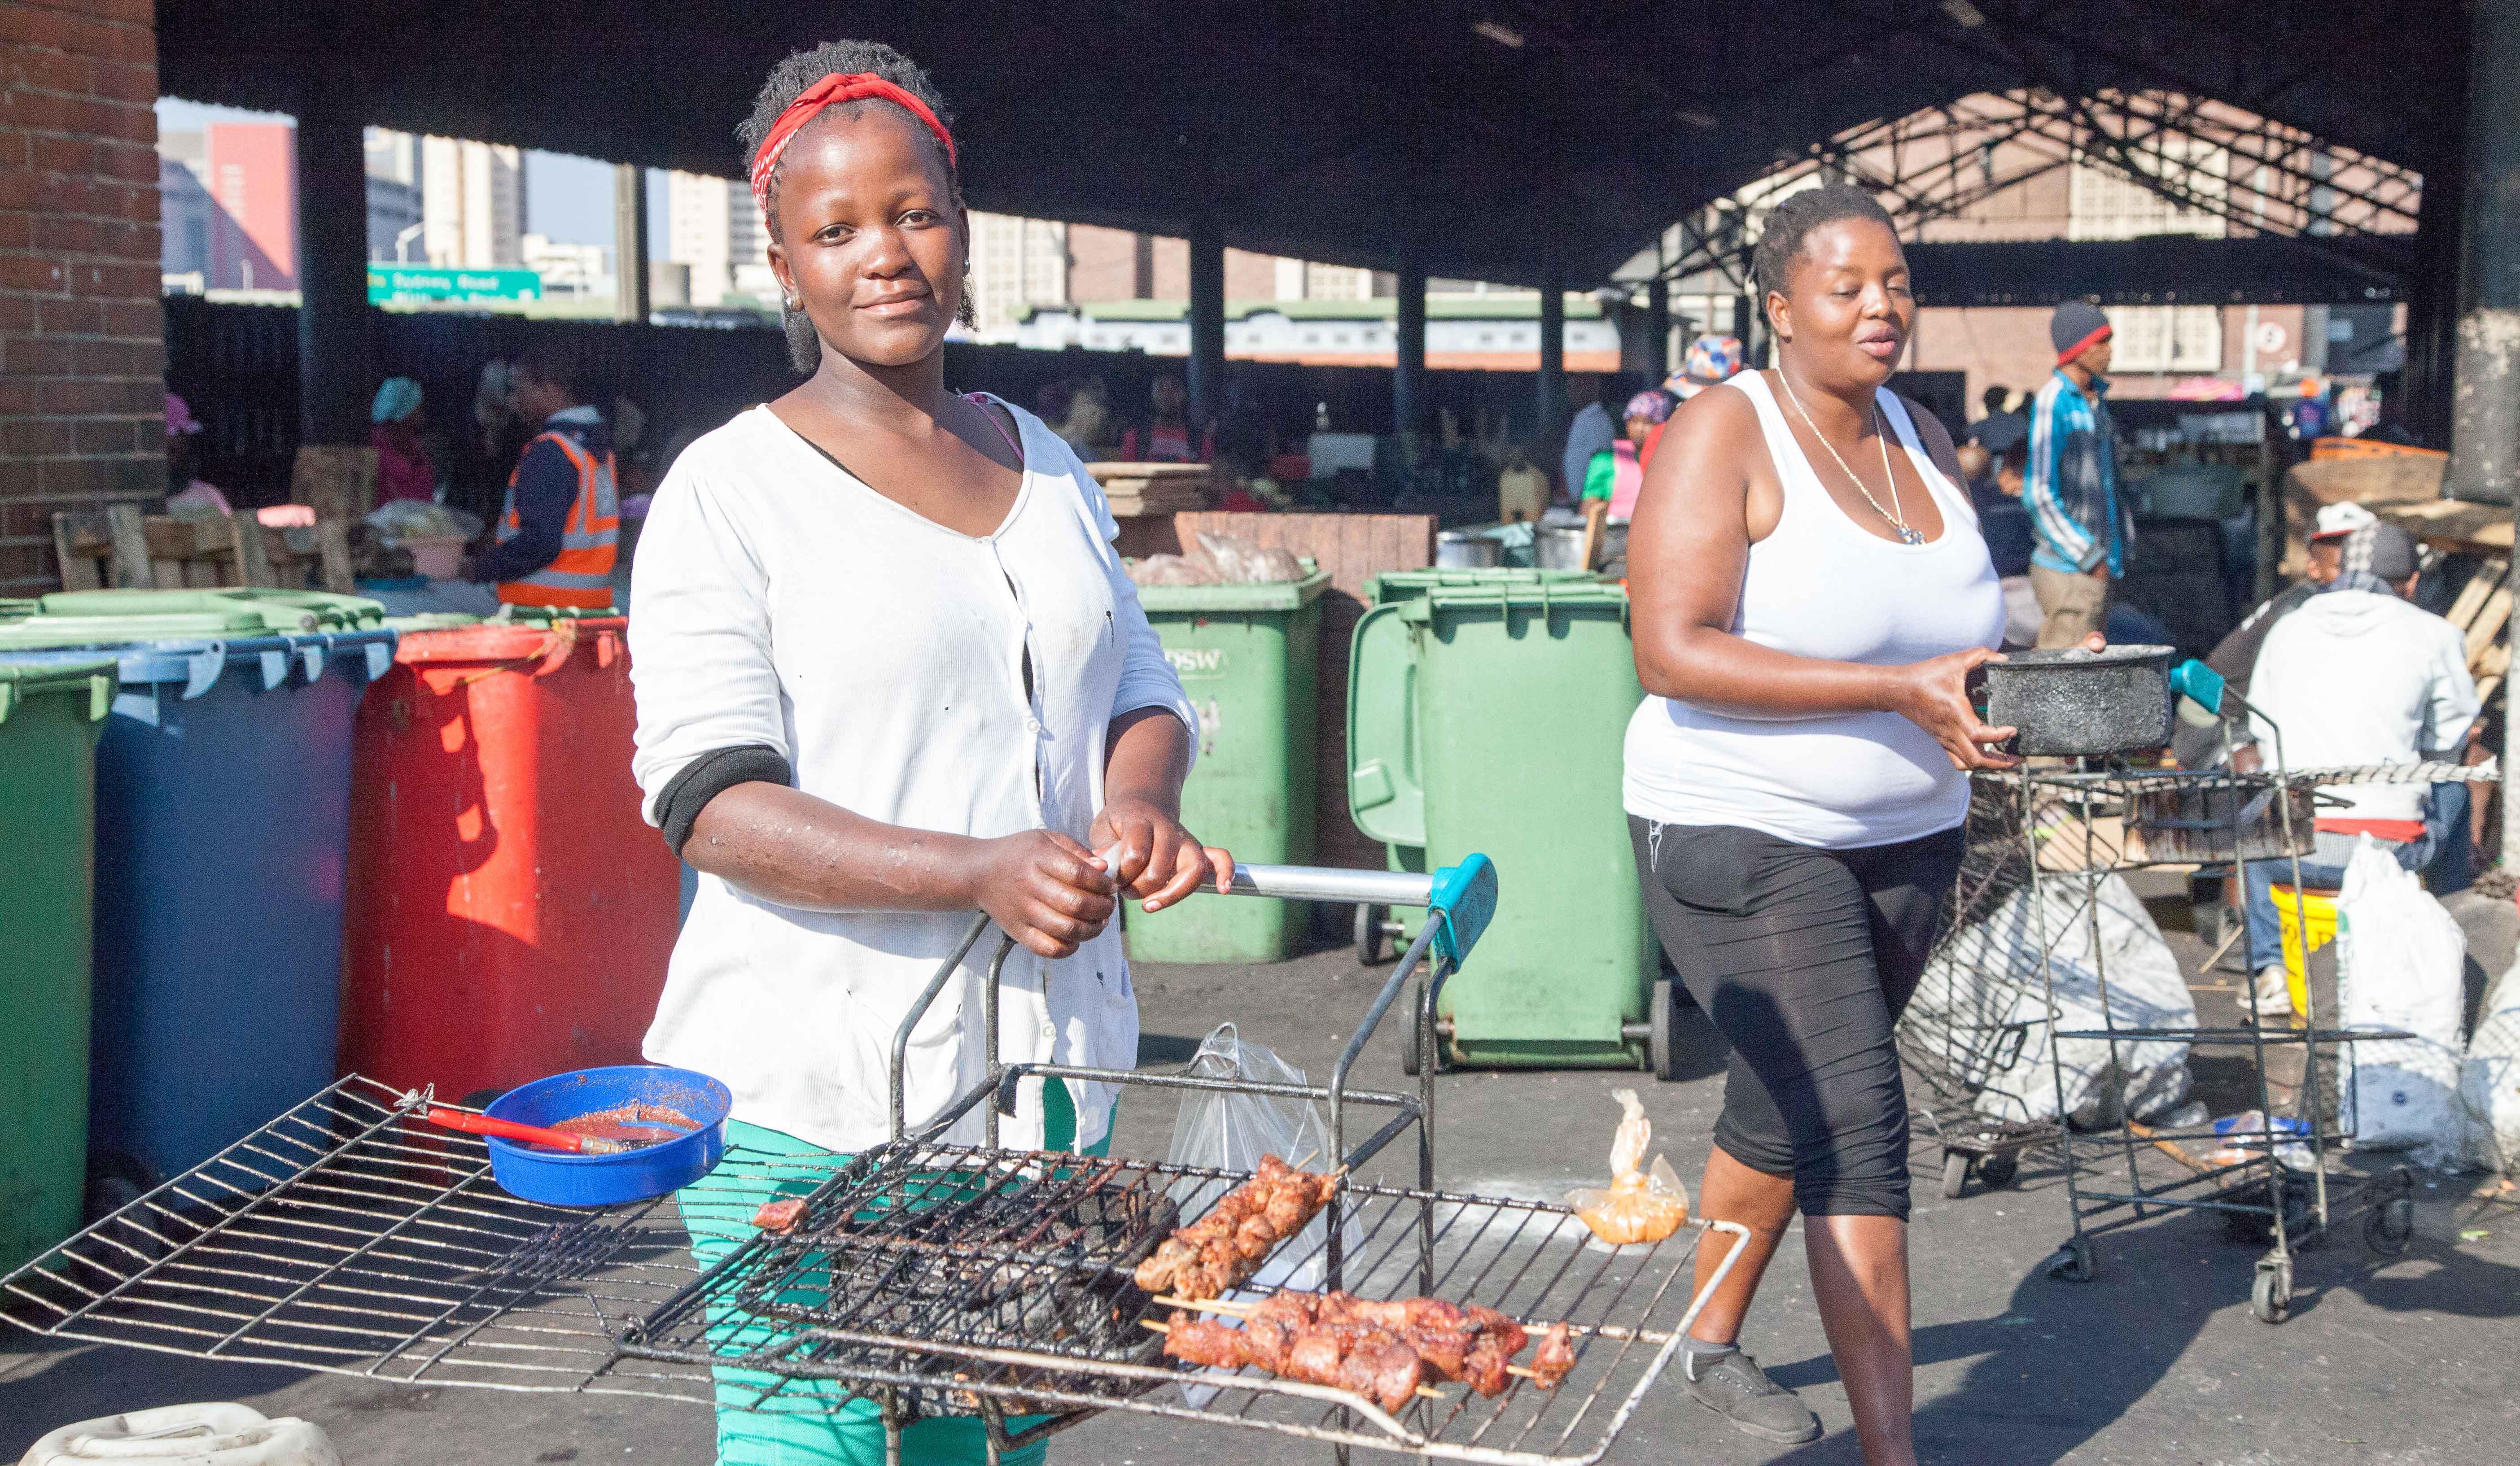 Über dem Rost von Einkaufswagen grillen diese Frauen Kopffleisch und Innereien, die der Metzger nebenan liefert.